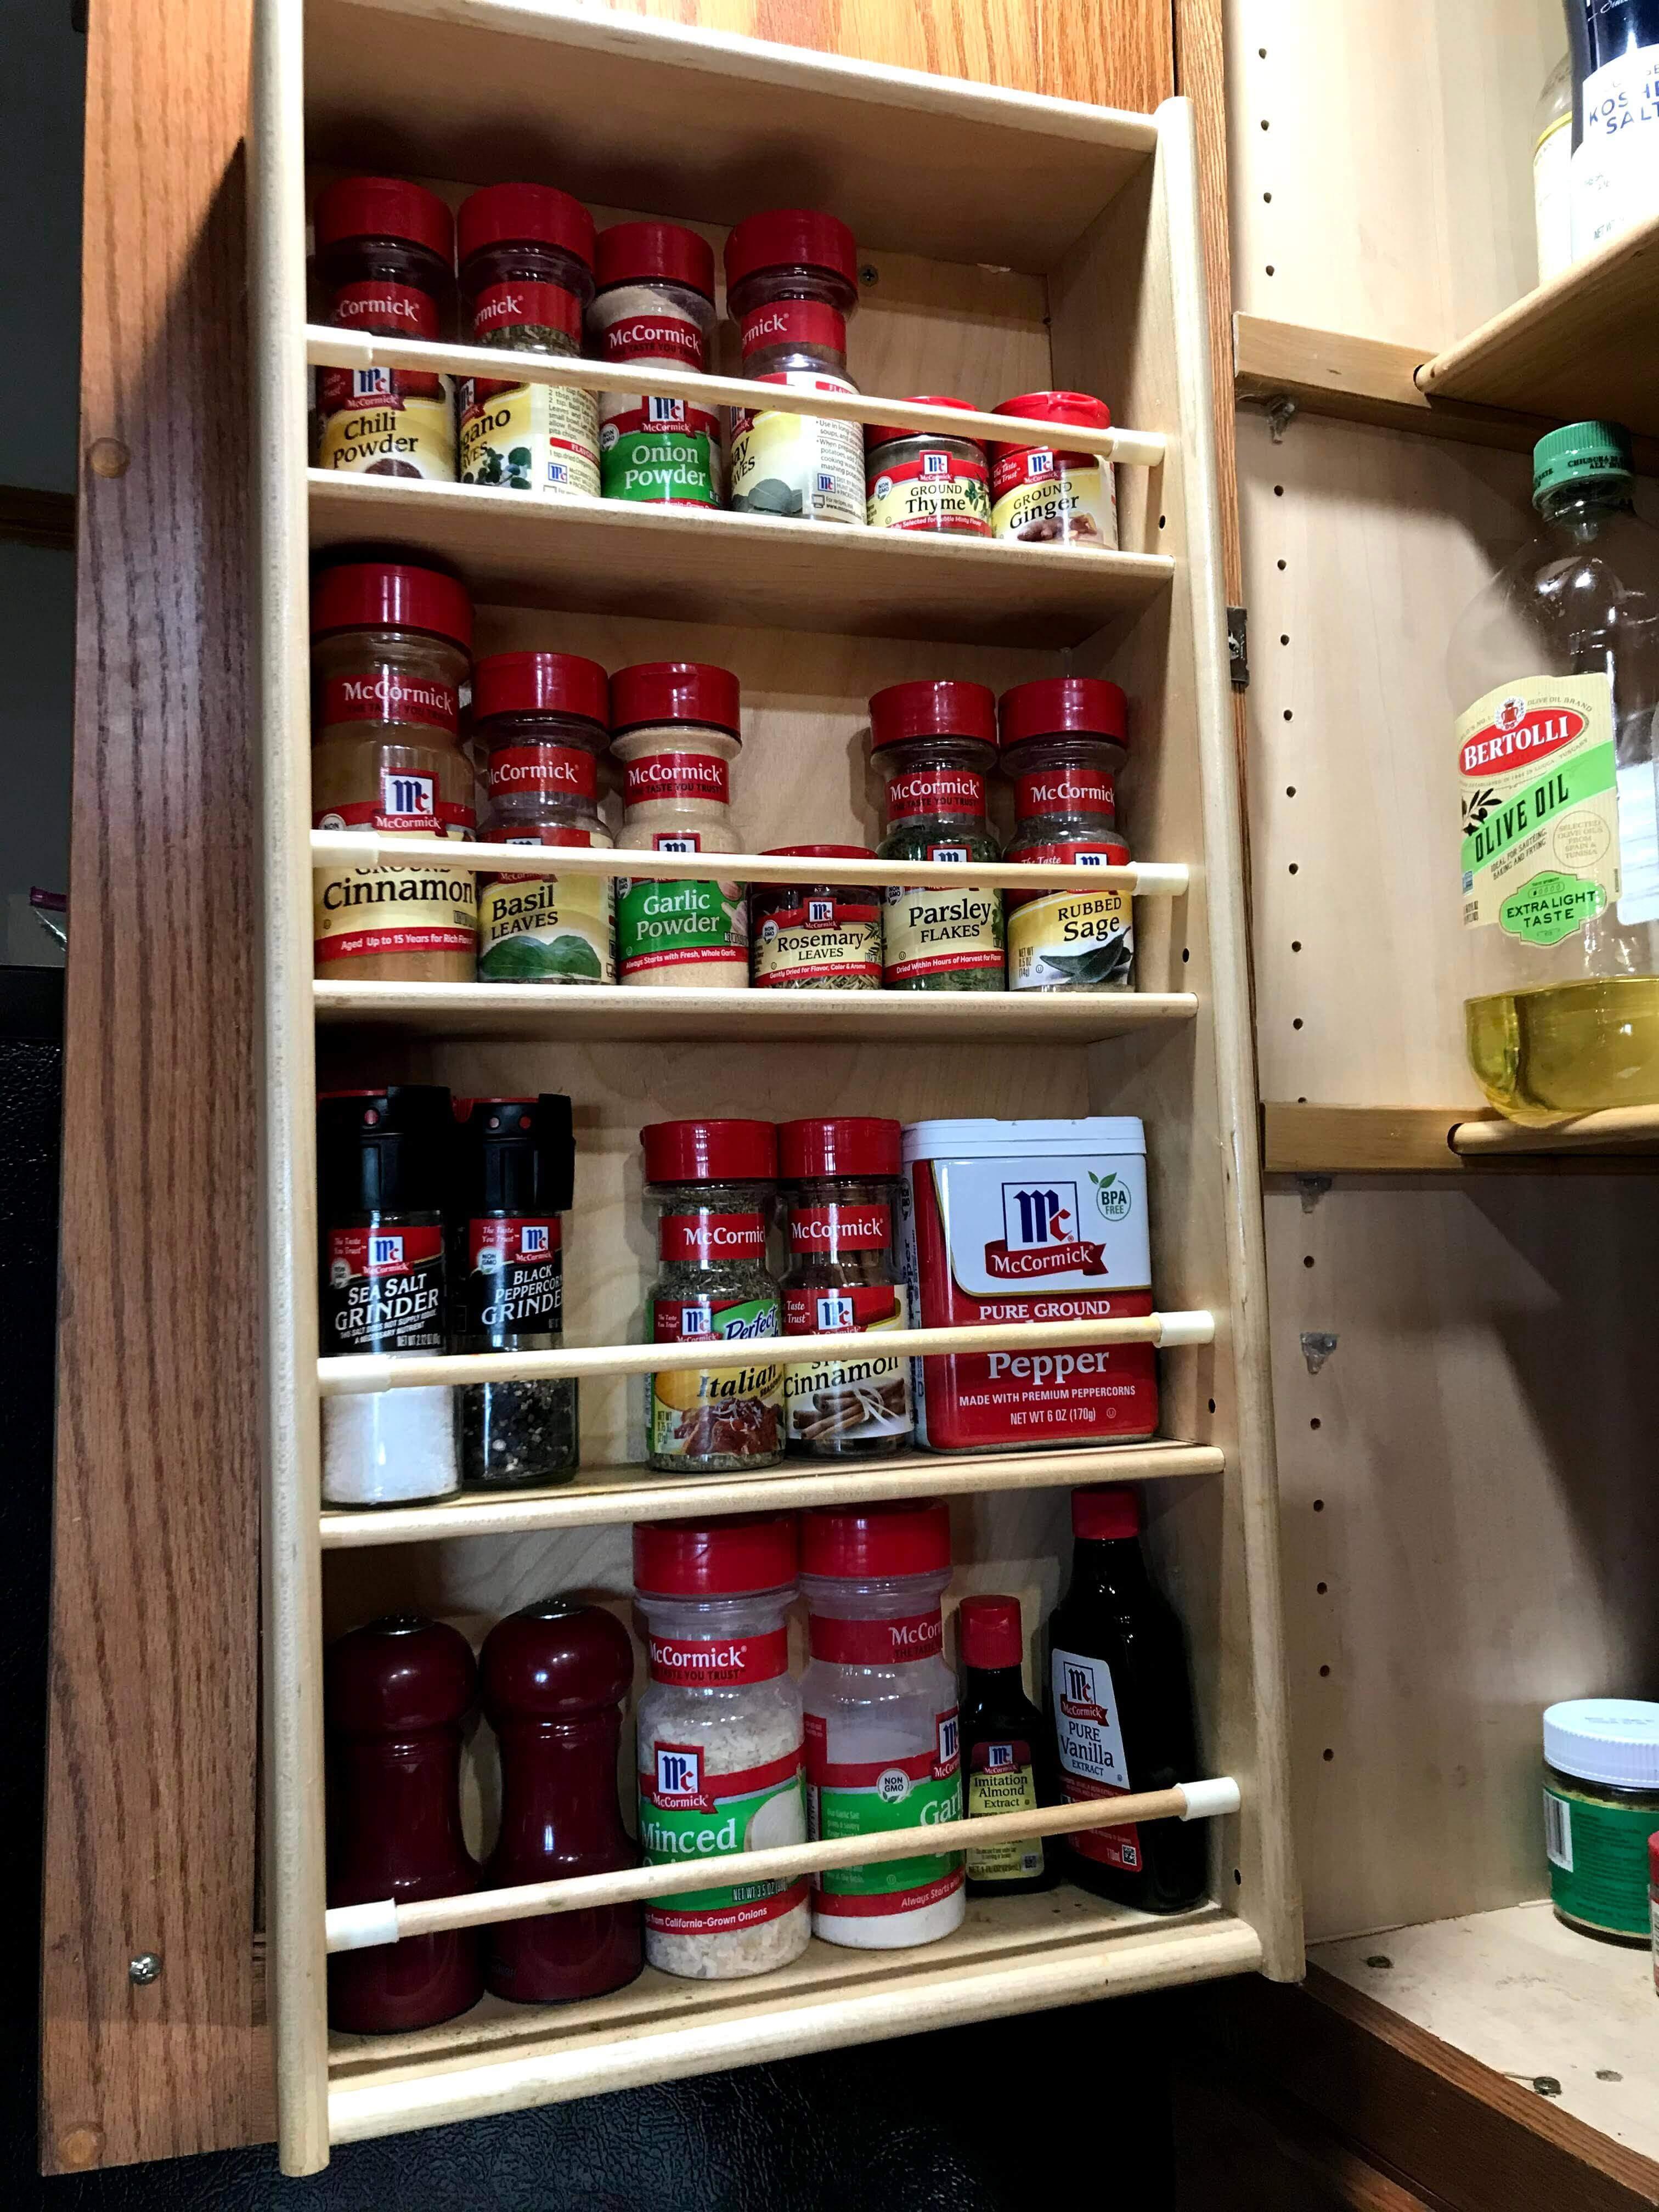 McCormick gluten free spice cabinet in the Stegen kitchen